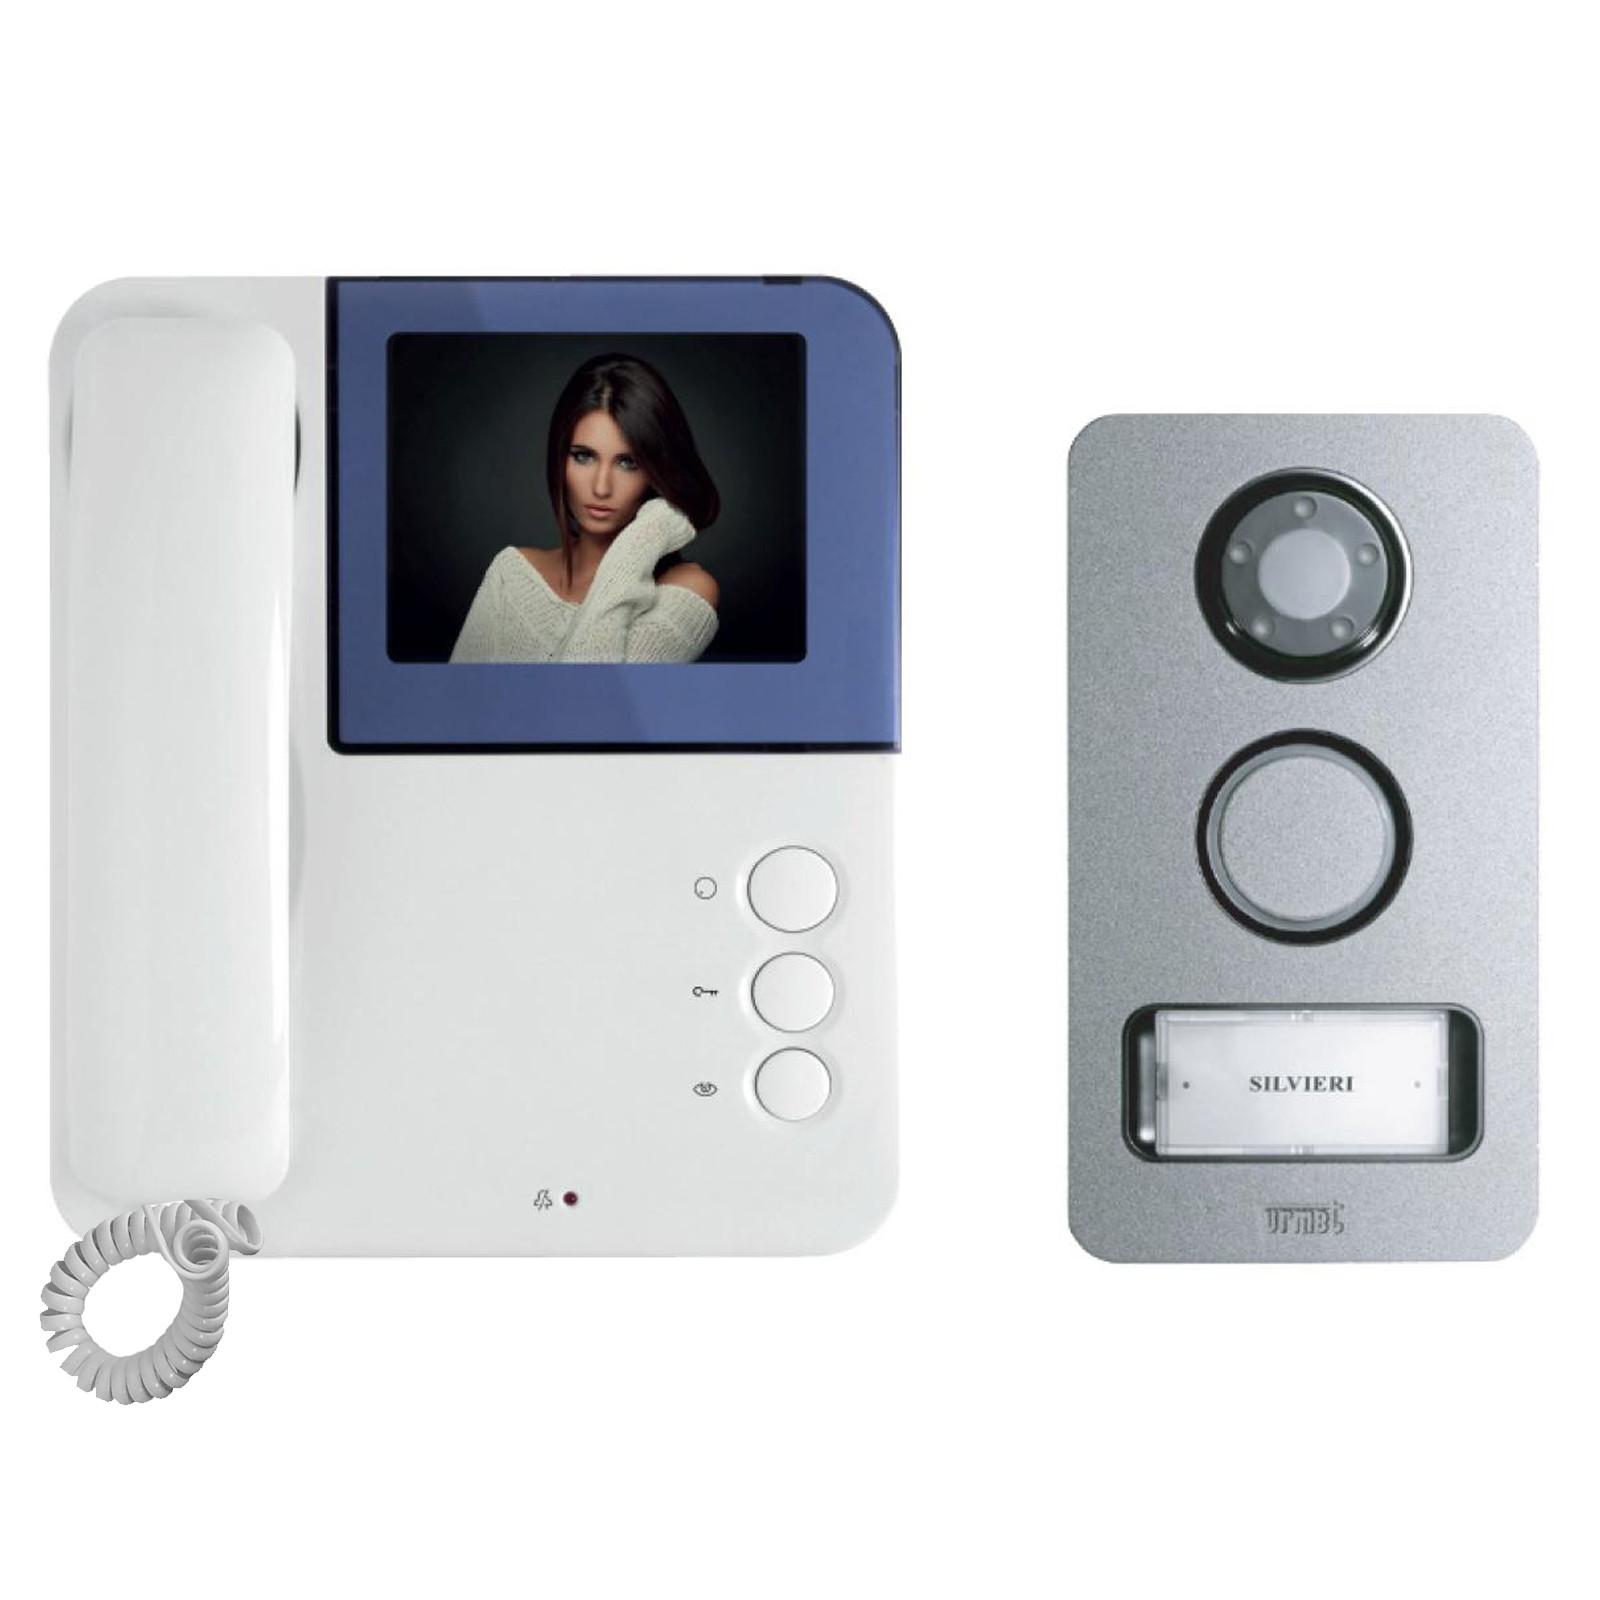 Kit videocitofono urmet simply mikra video monitor colori for Citofono elettronico urmet atlantico schema